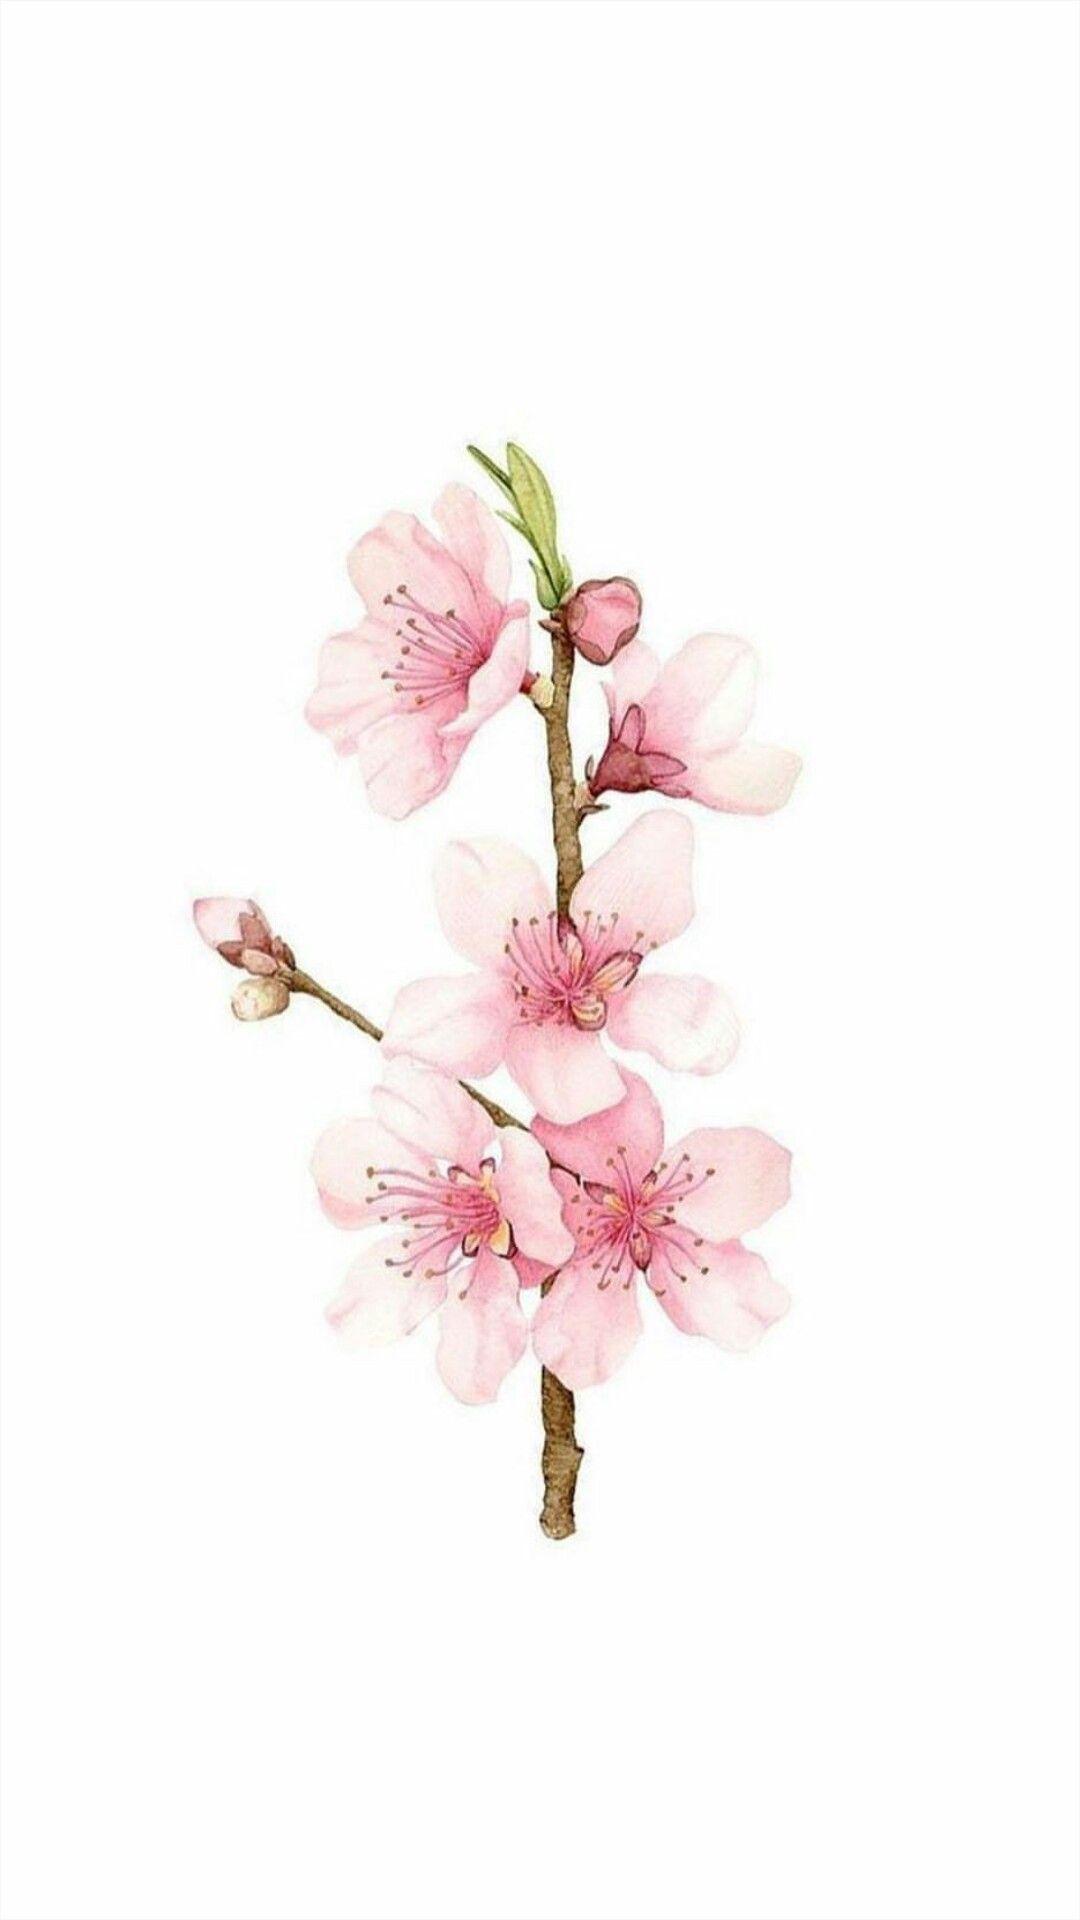 Epingle Par Joseph Tlb Sur Dessin Tatouage Cerisier Aquarelle